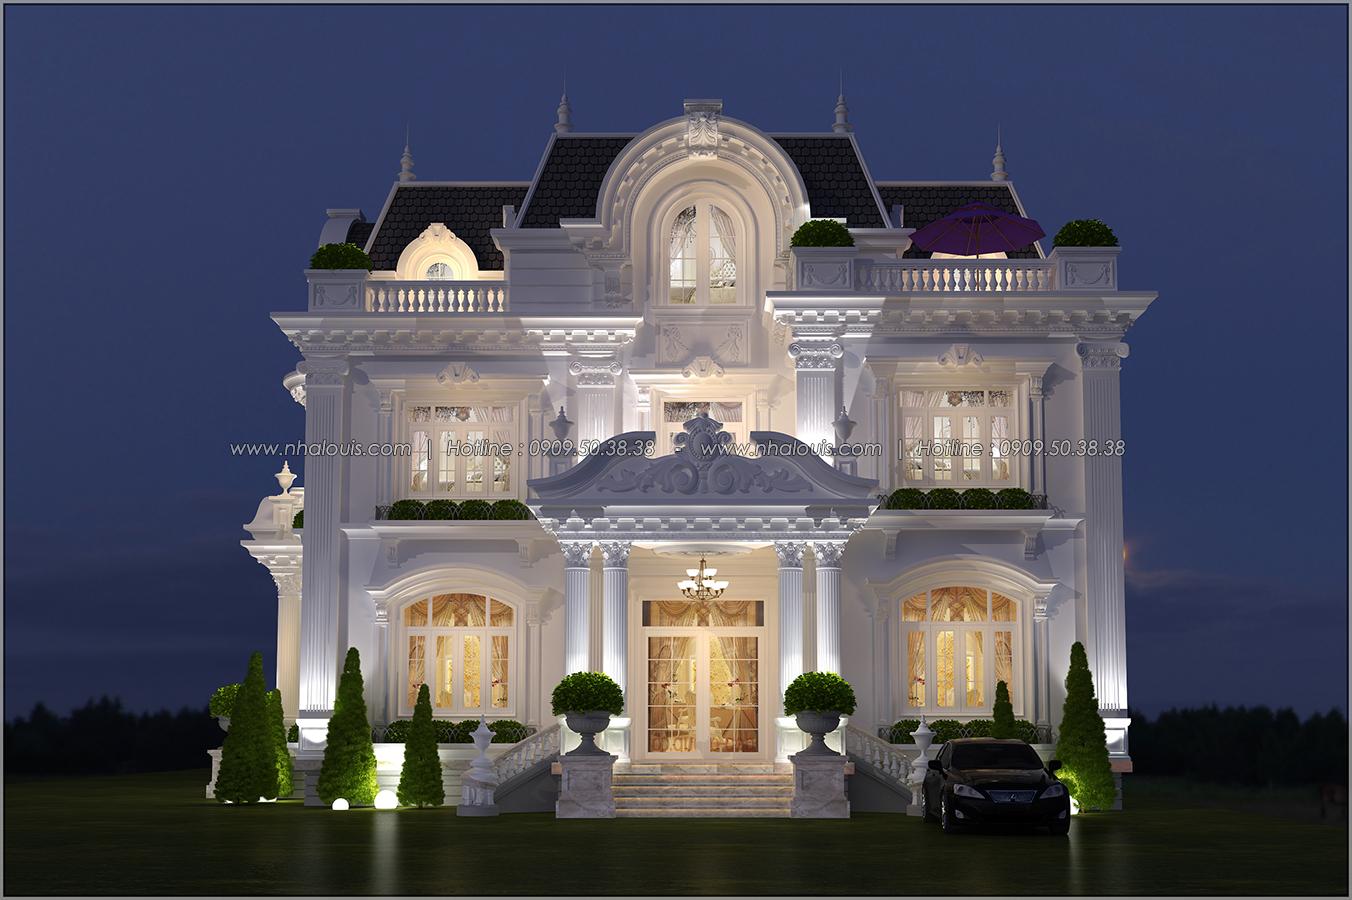 Mê mẩn với thiết kế biệt thự kiểu Pháp tại Biên Hòa đẹp kiêu sa, diễm lệ - 1